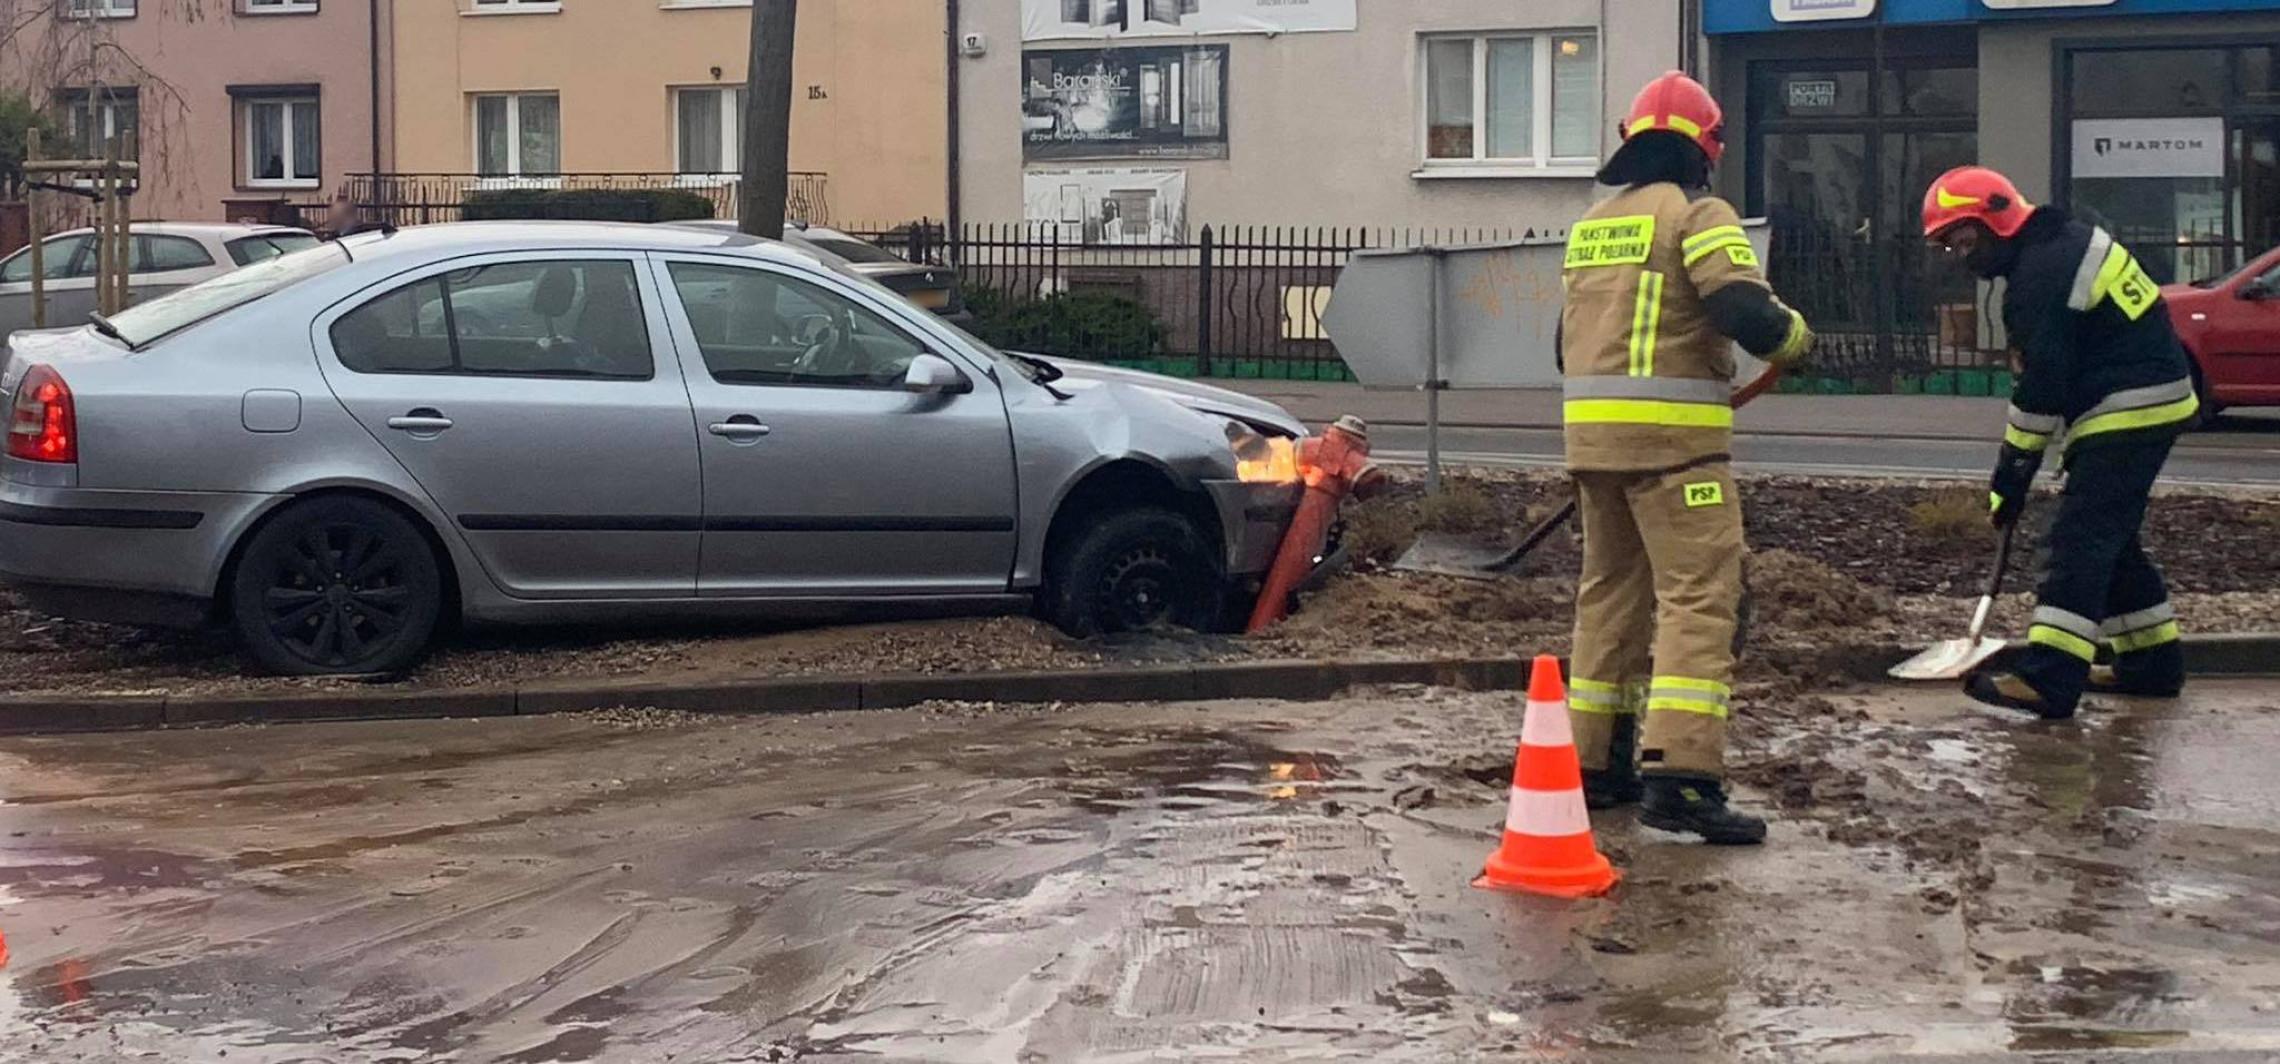 Inowrocław - Skoda uderzyła w hydrant. Woda na ulicy